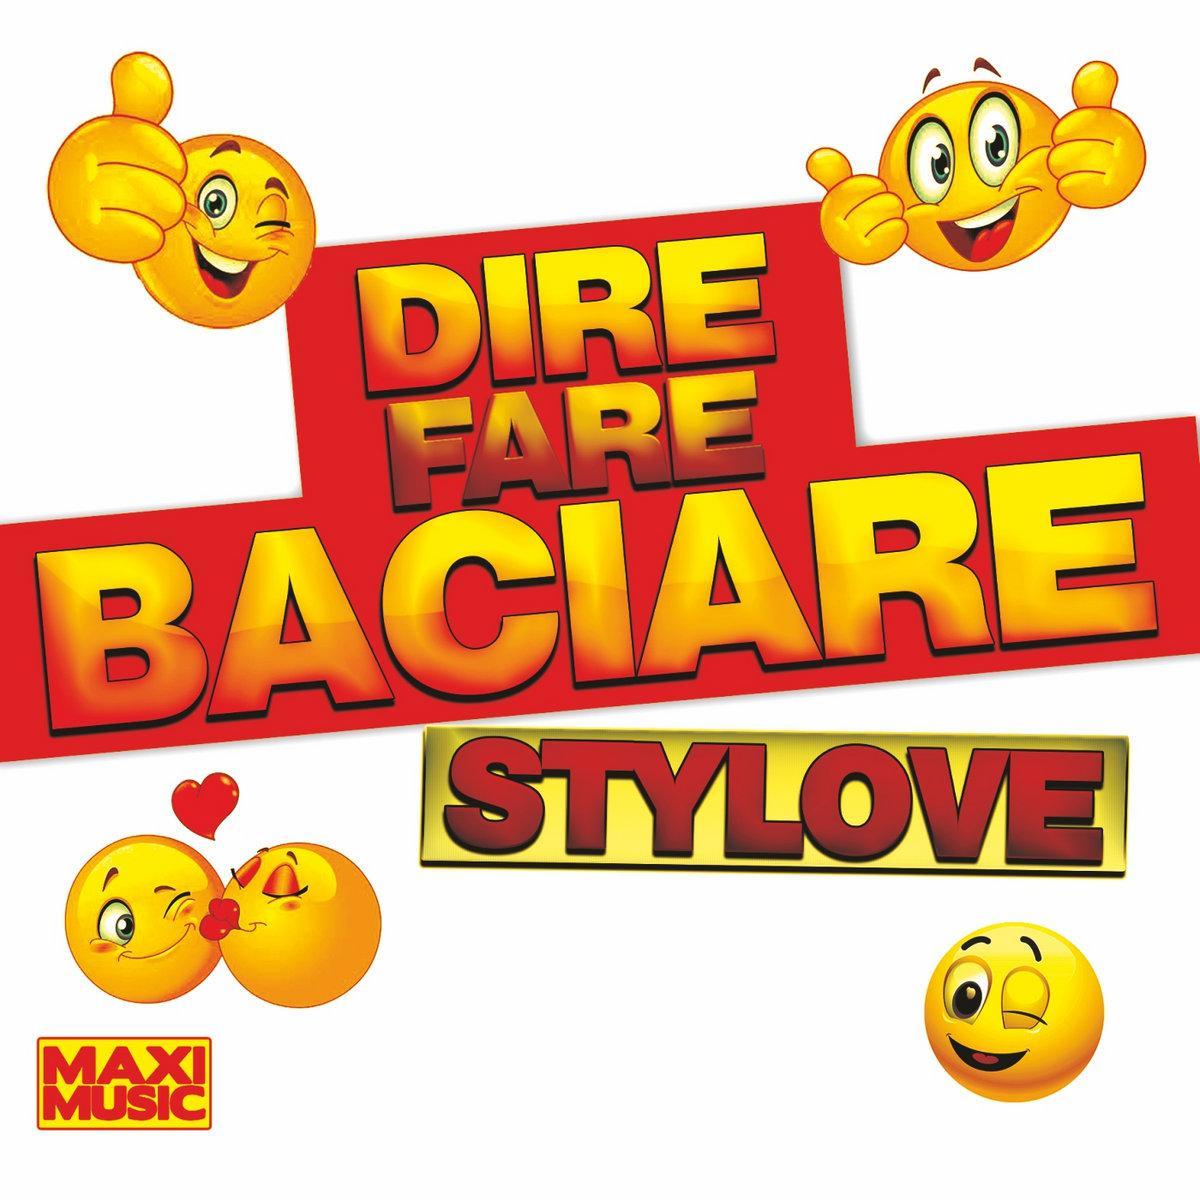 Stylove - Dire Fare Baciare - Tipp!